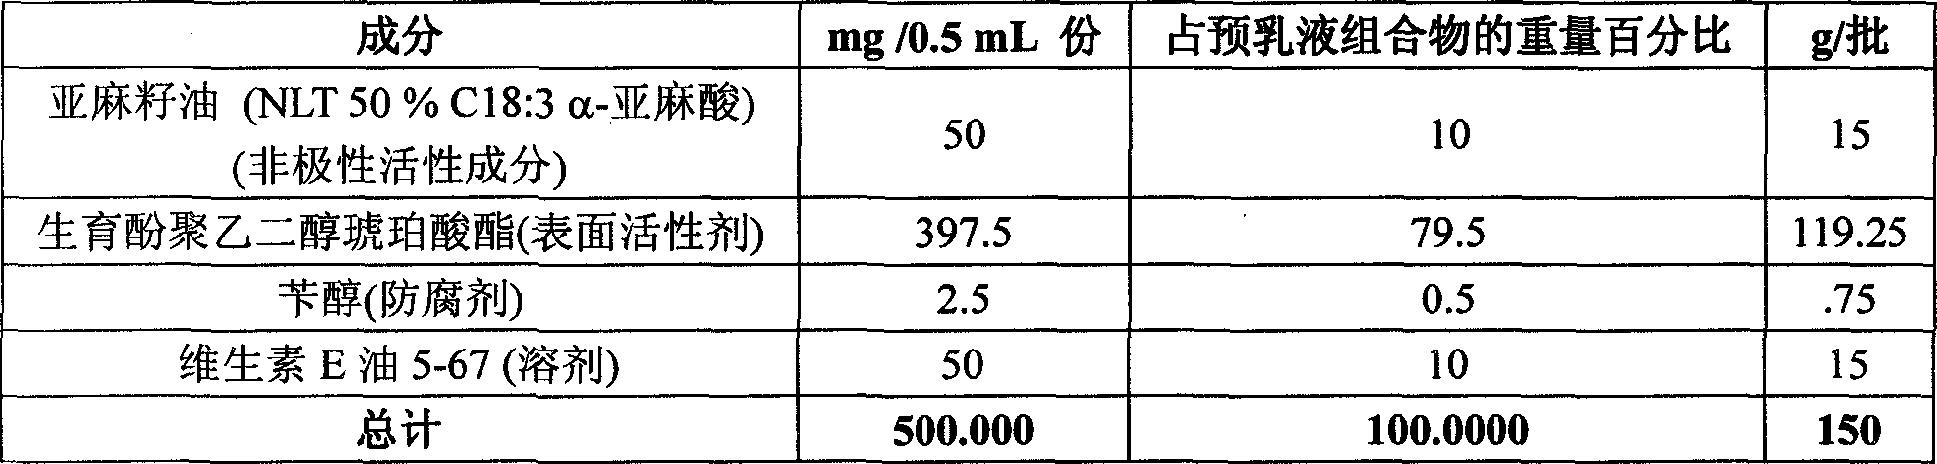 Figure CN102036661BD00861